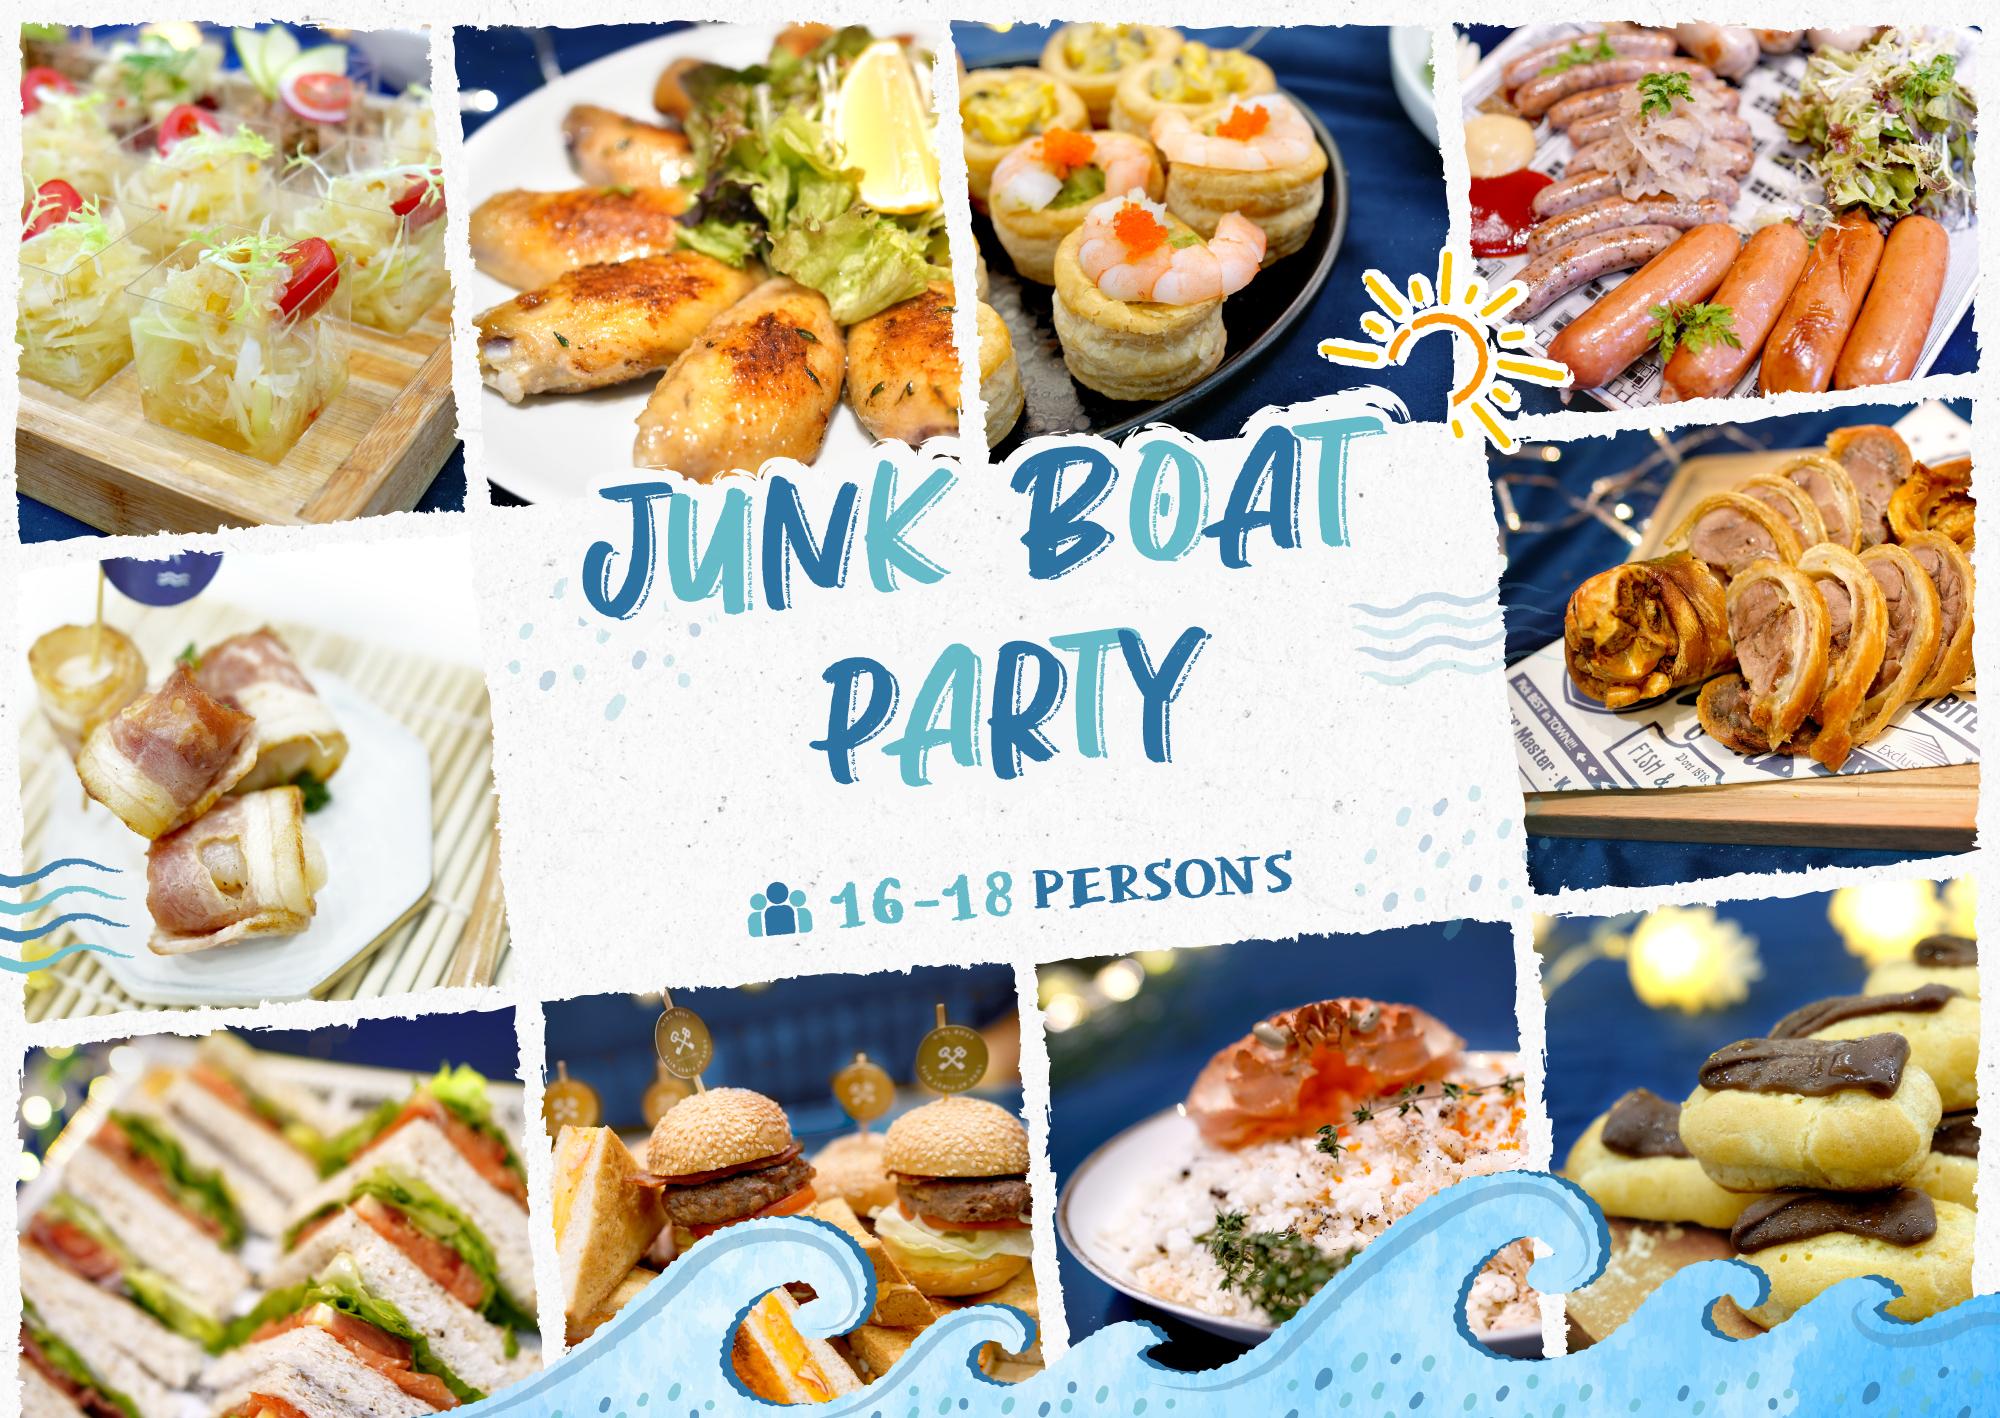 西貢到會推介|Junk Boat Party Set 食物份量適合16-18人的船P/船河到會派對享用